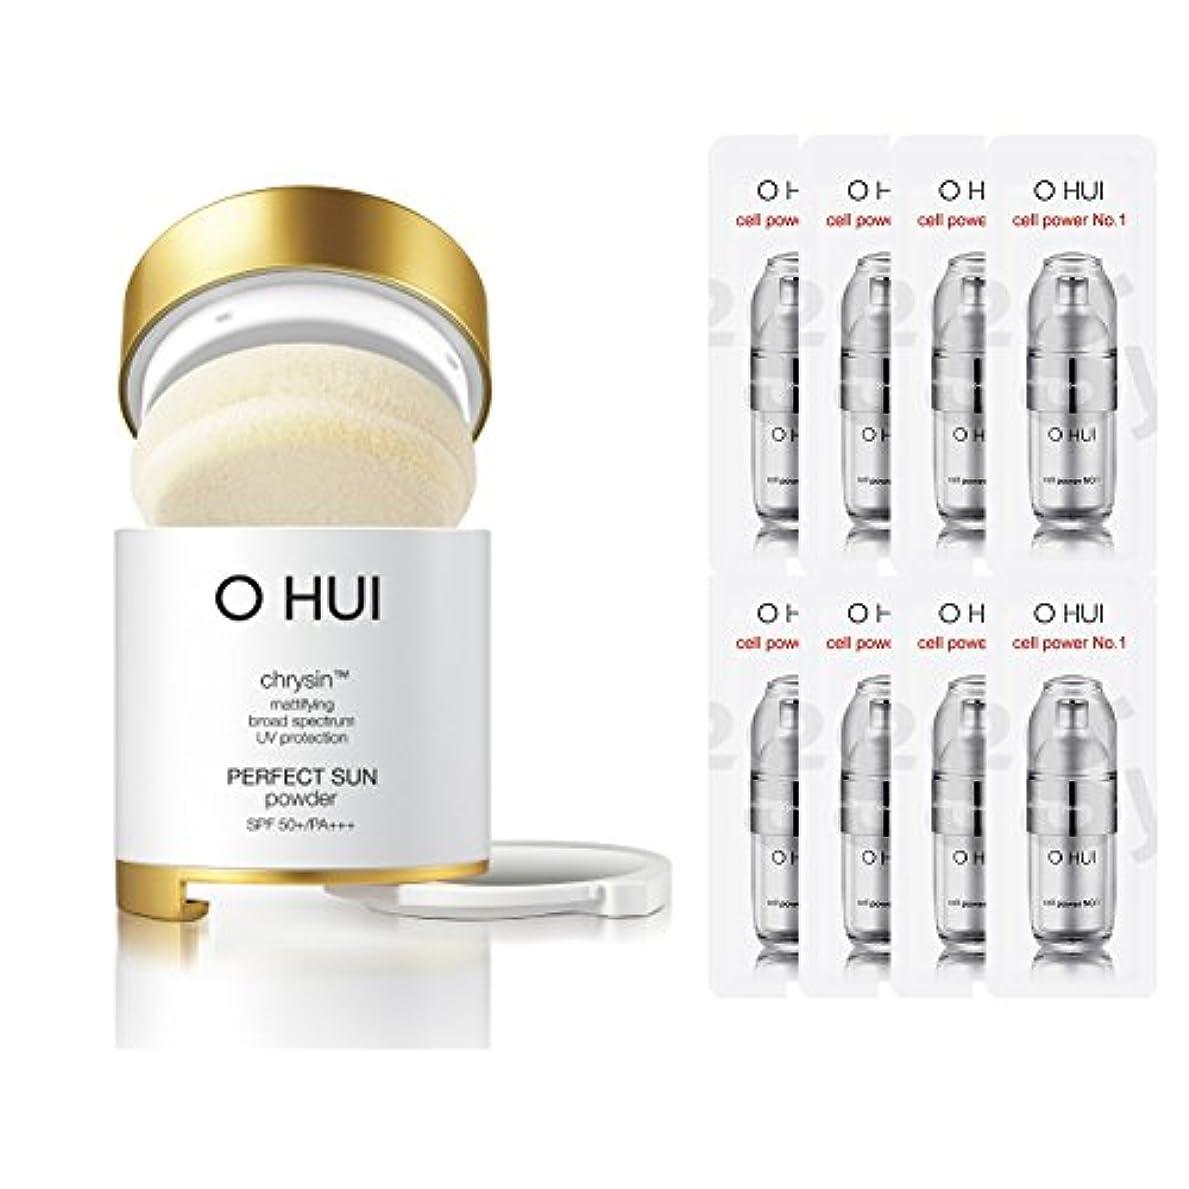 供給運河強打OHUI/オフィ2015年 パーフェクトサンパウダー (OHUI Version Perfect Sun Powder SPF50++PA+++ Special Gift set) スポット [海外直送品] (2号ベージュ)